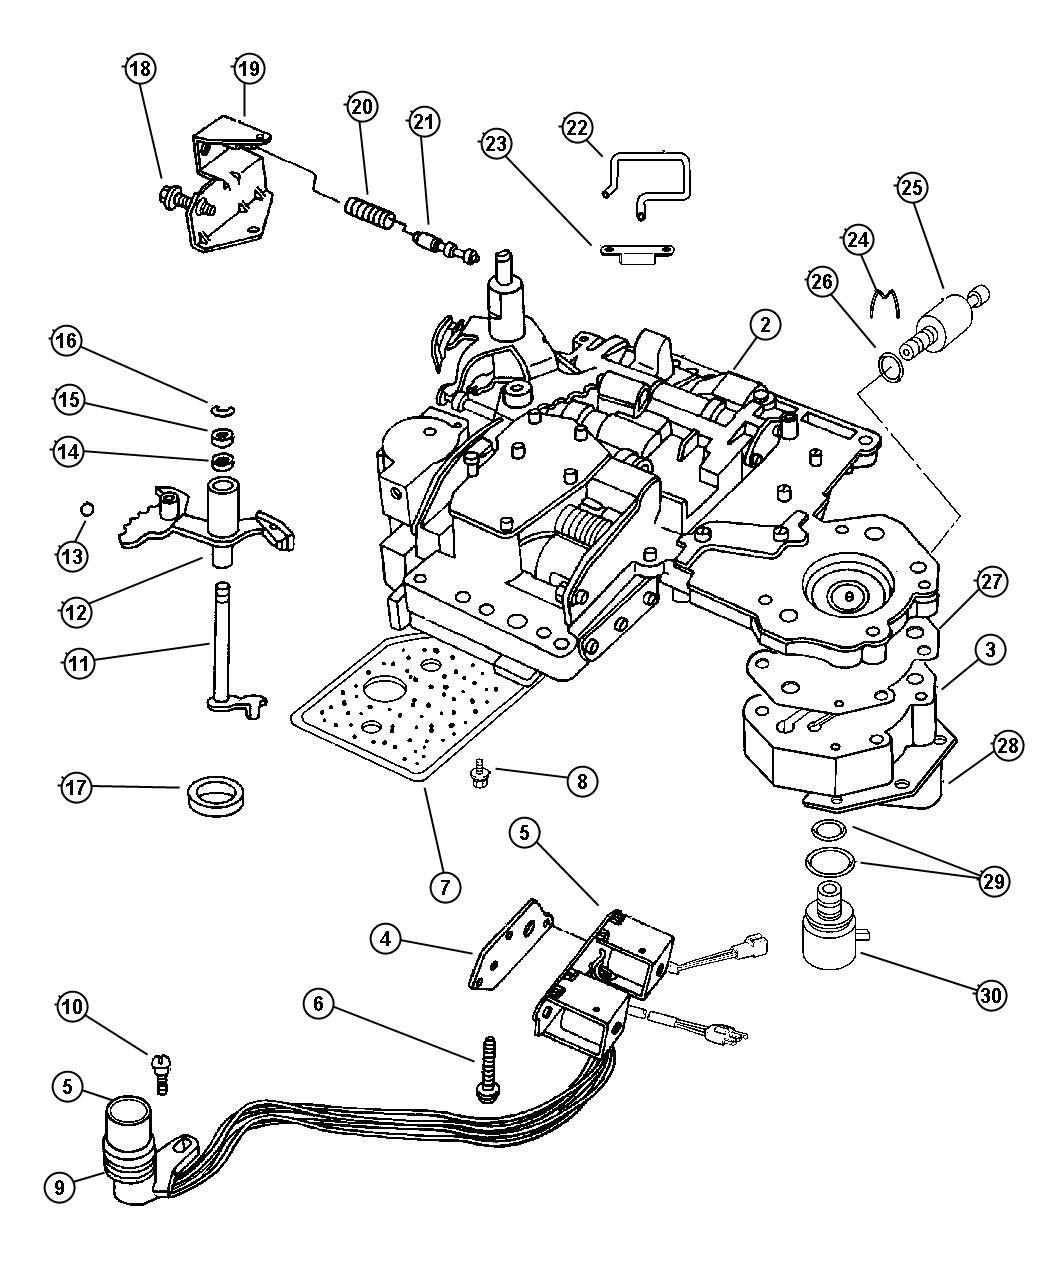 32 Dodge Ram Exhaust Diagram